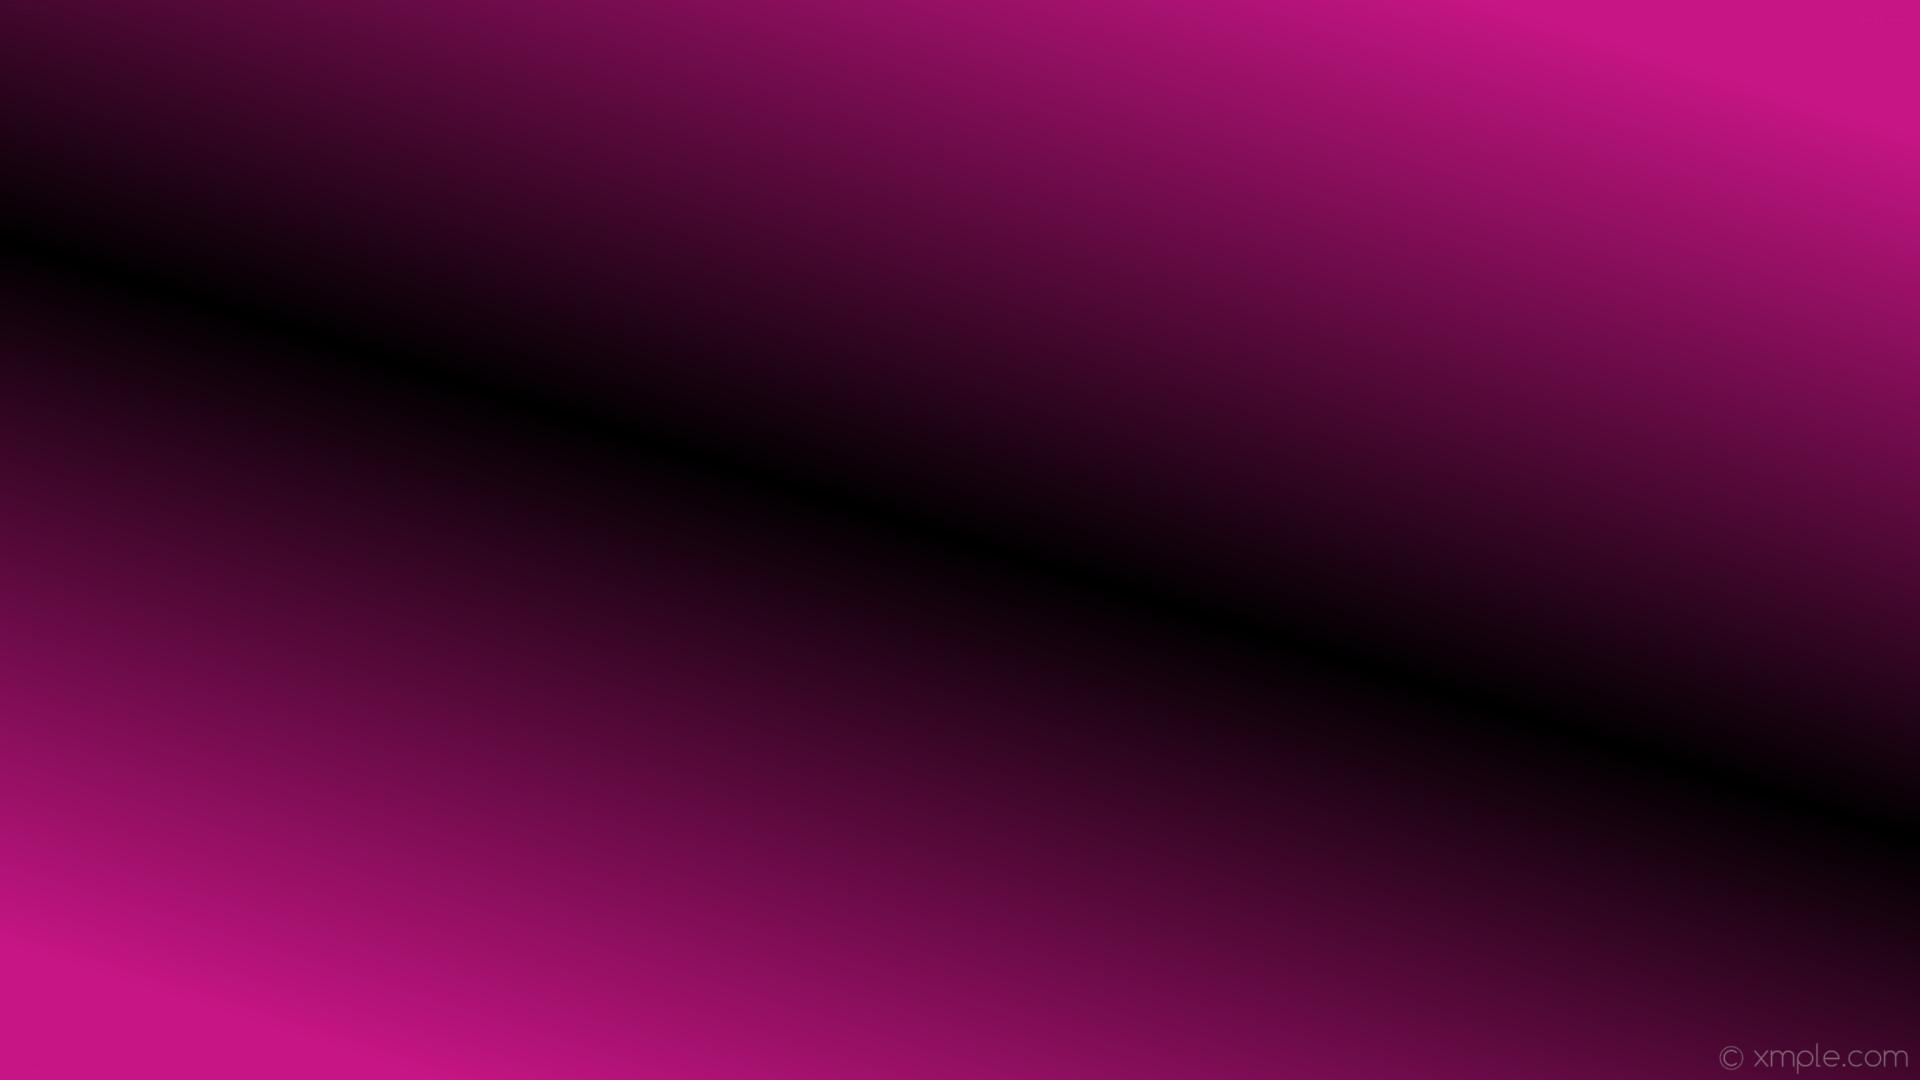 wallpaper gradient linear highlight pink black medium violet red #c71585  #000000 225° 50